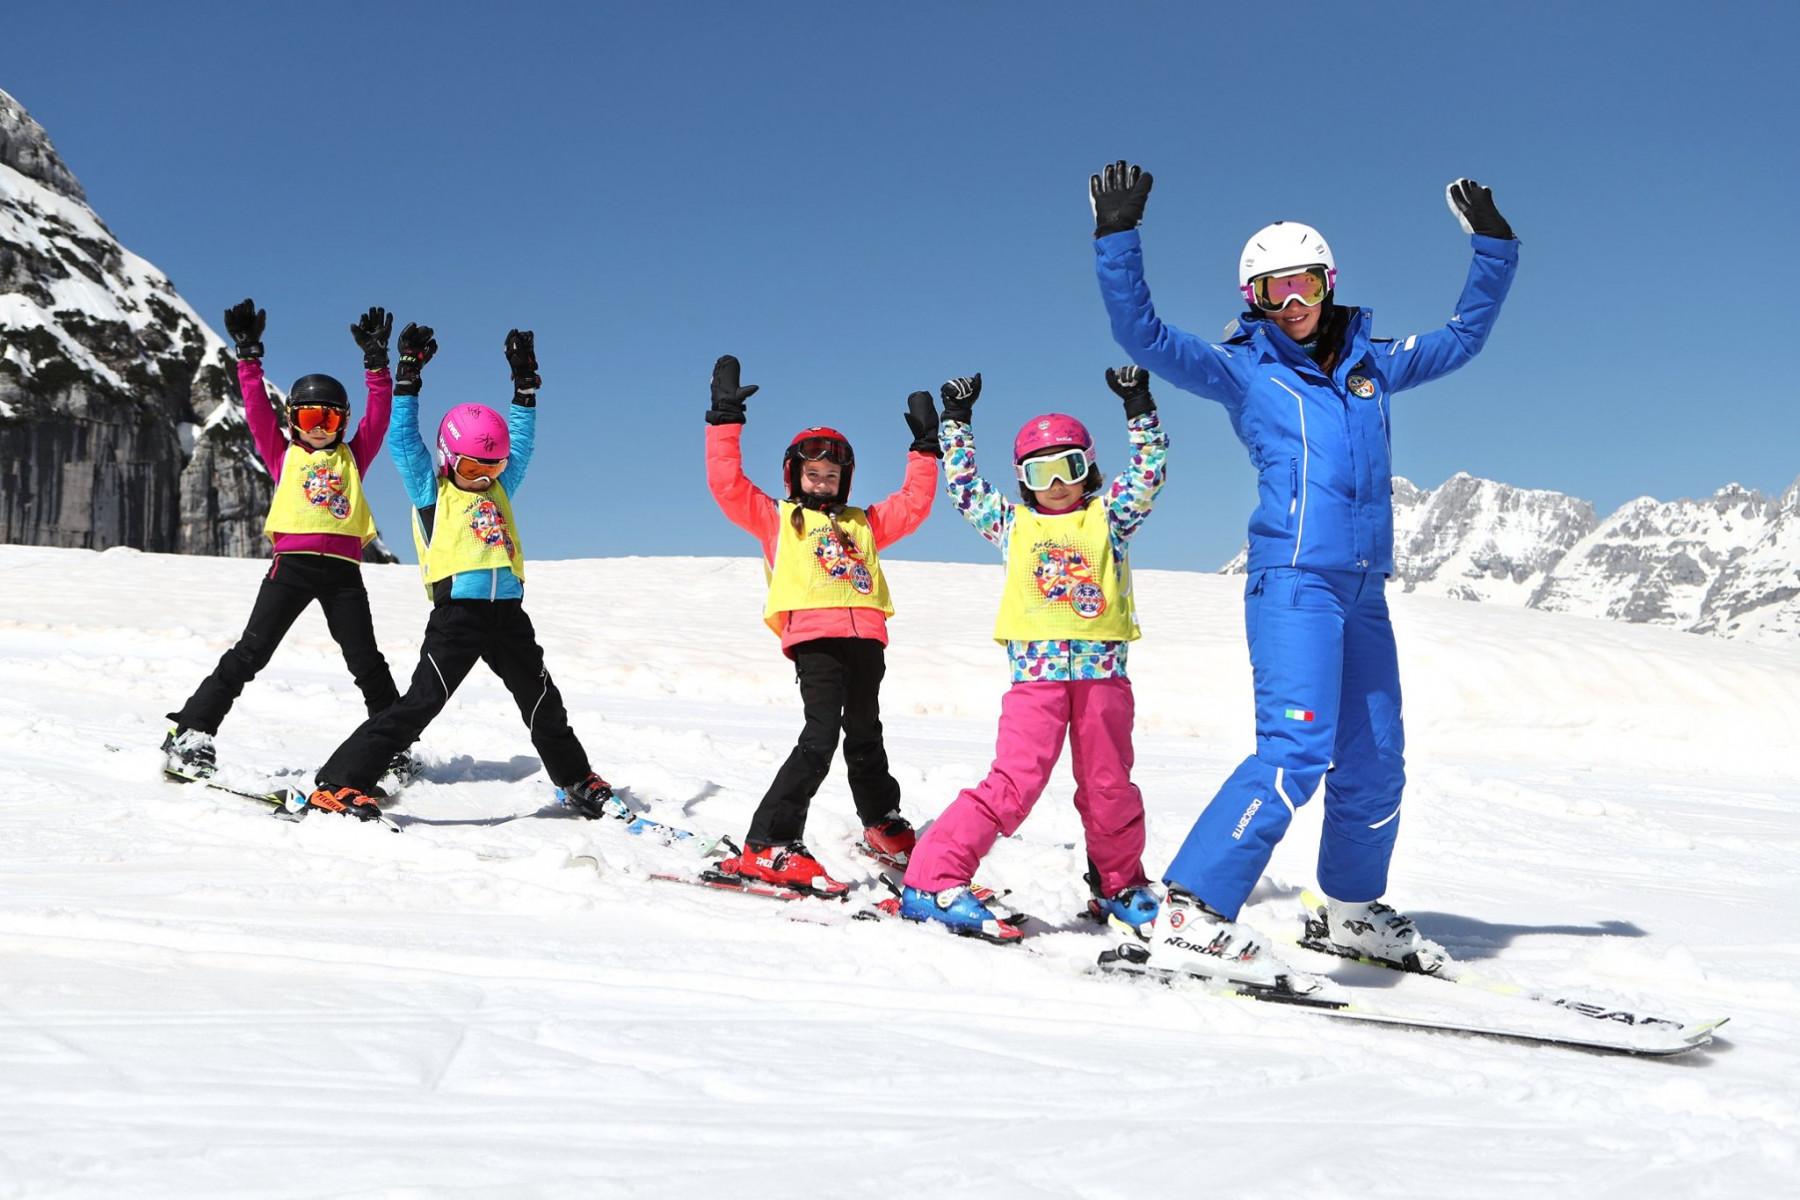 Corso collettivo di sci per bambini principianti ad Andalo